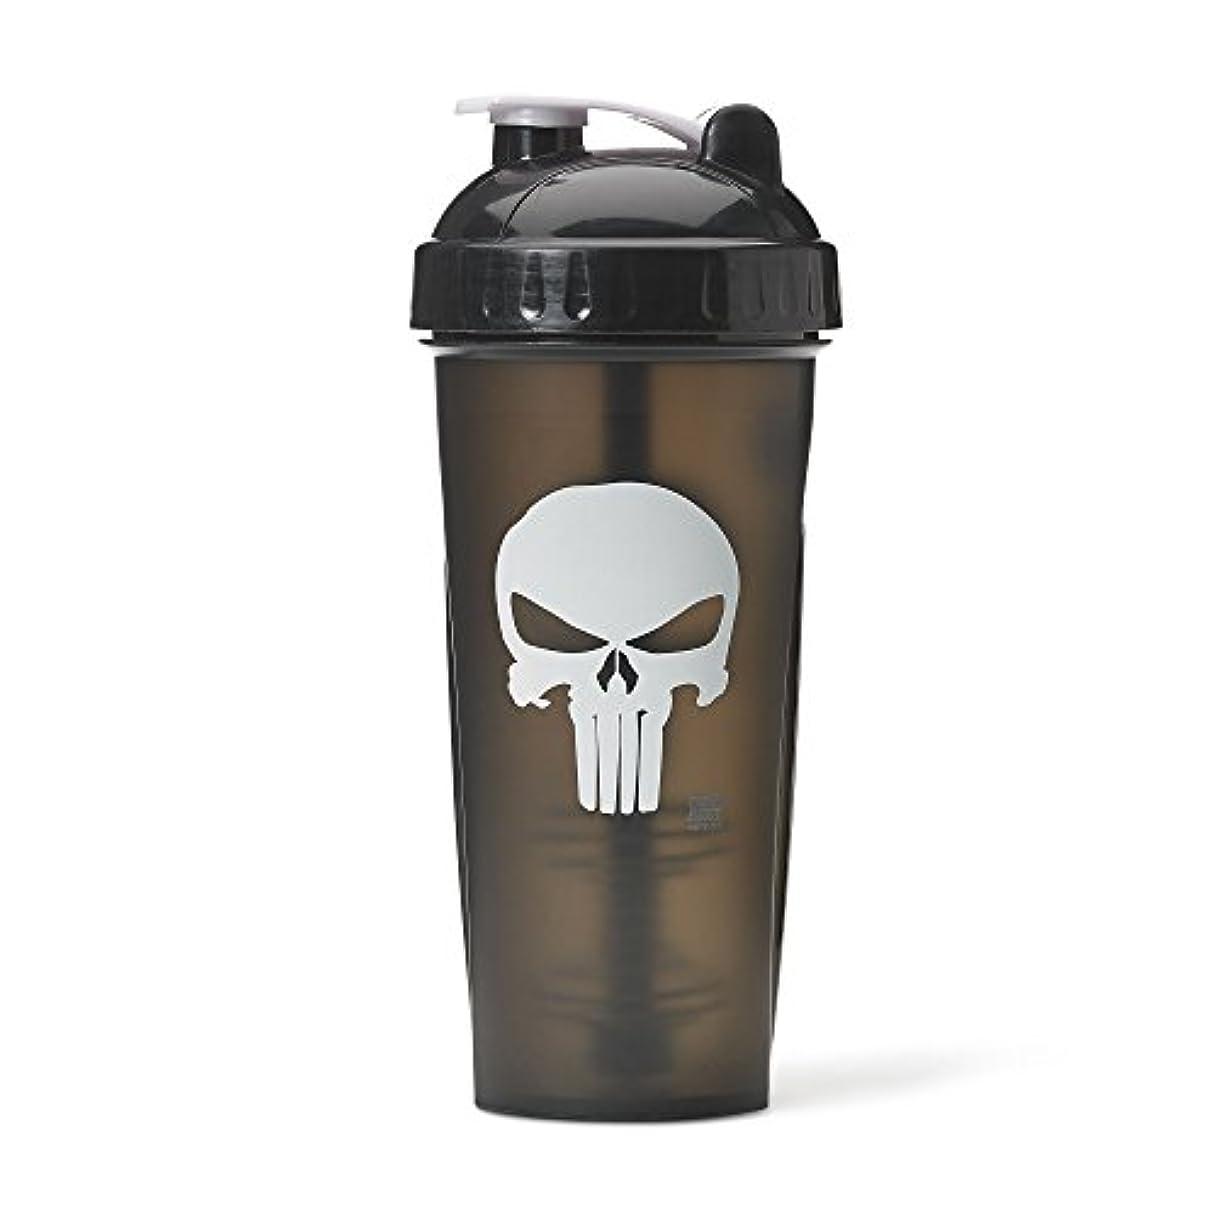 プライム出発する上昇Performa Marvel Shaker - Original Series, Leak Free Protein Shaker Bottle with Actionrod Mixing Technology for...